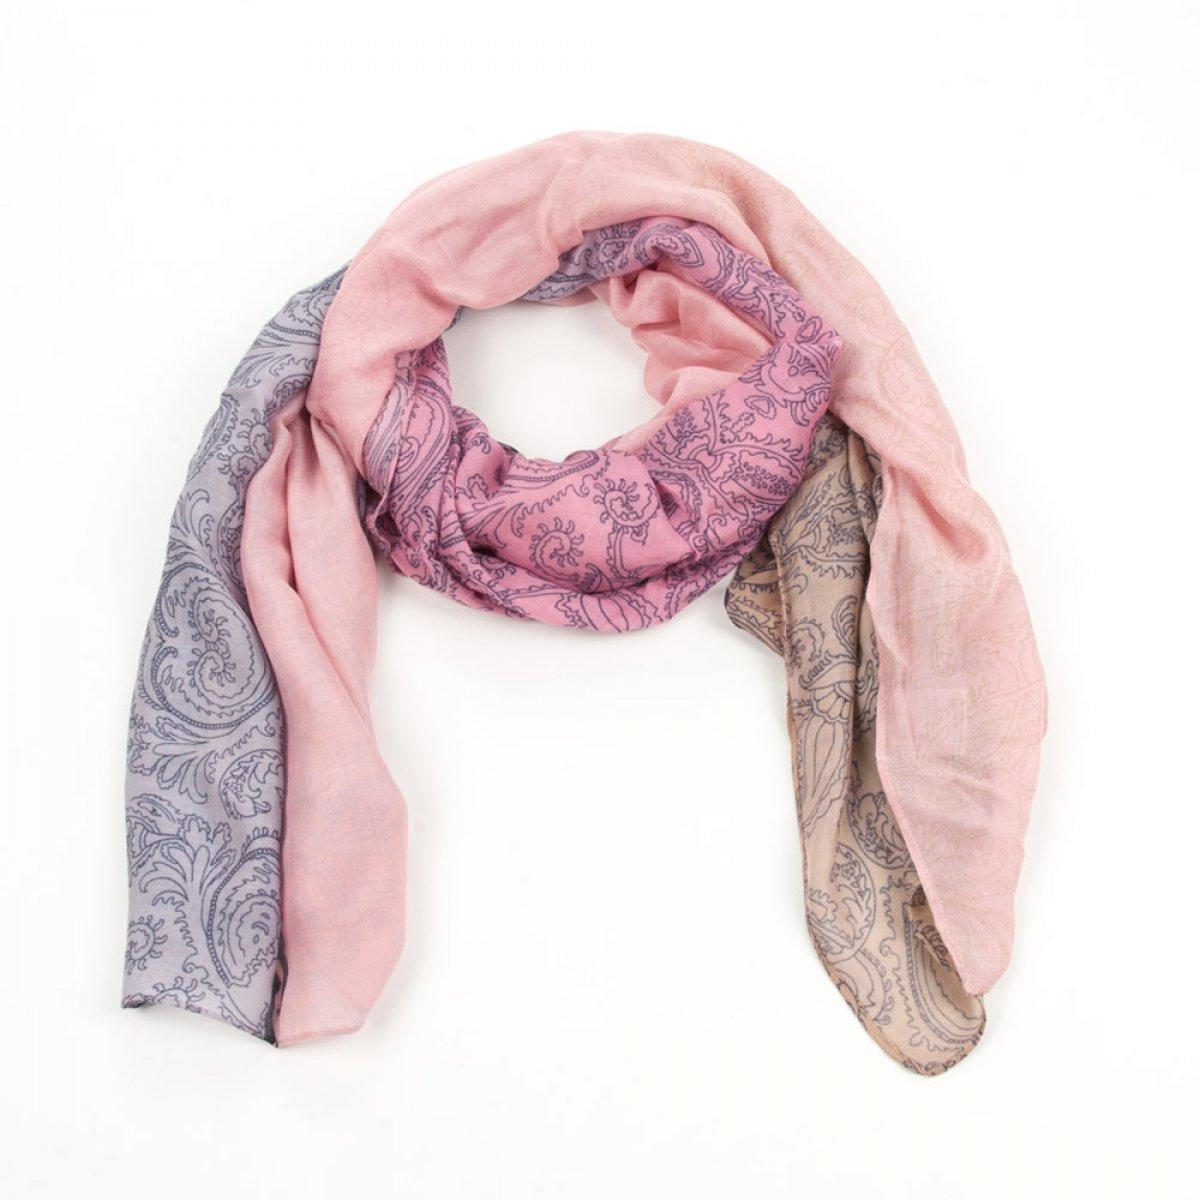 miglior sito web 21865 768ba foulard da donna Alessia firmato Passigatti